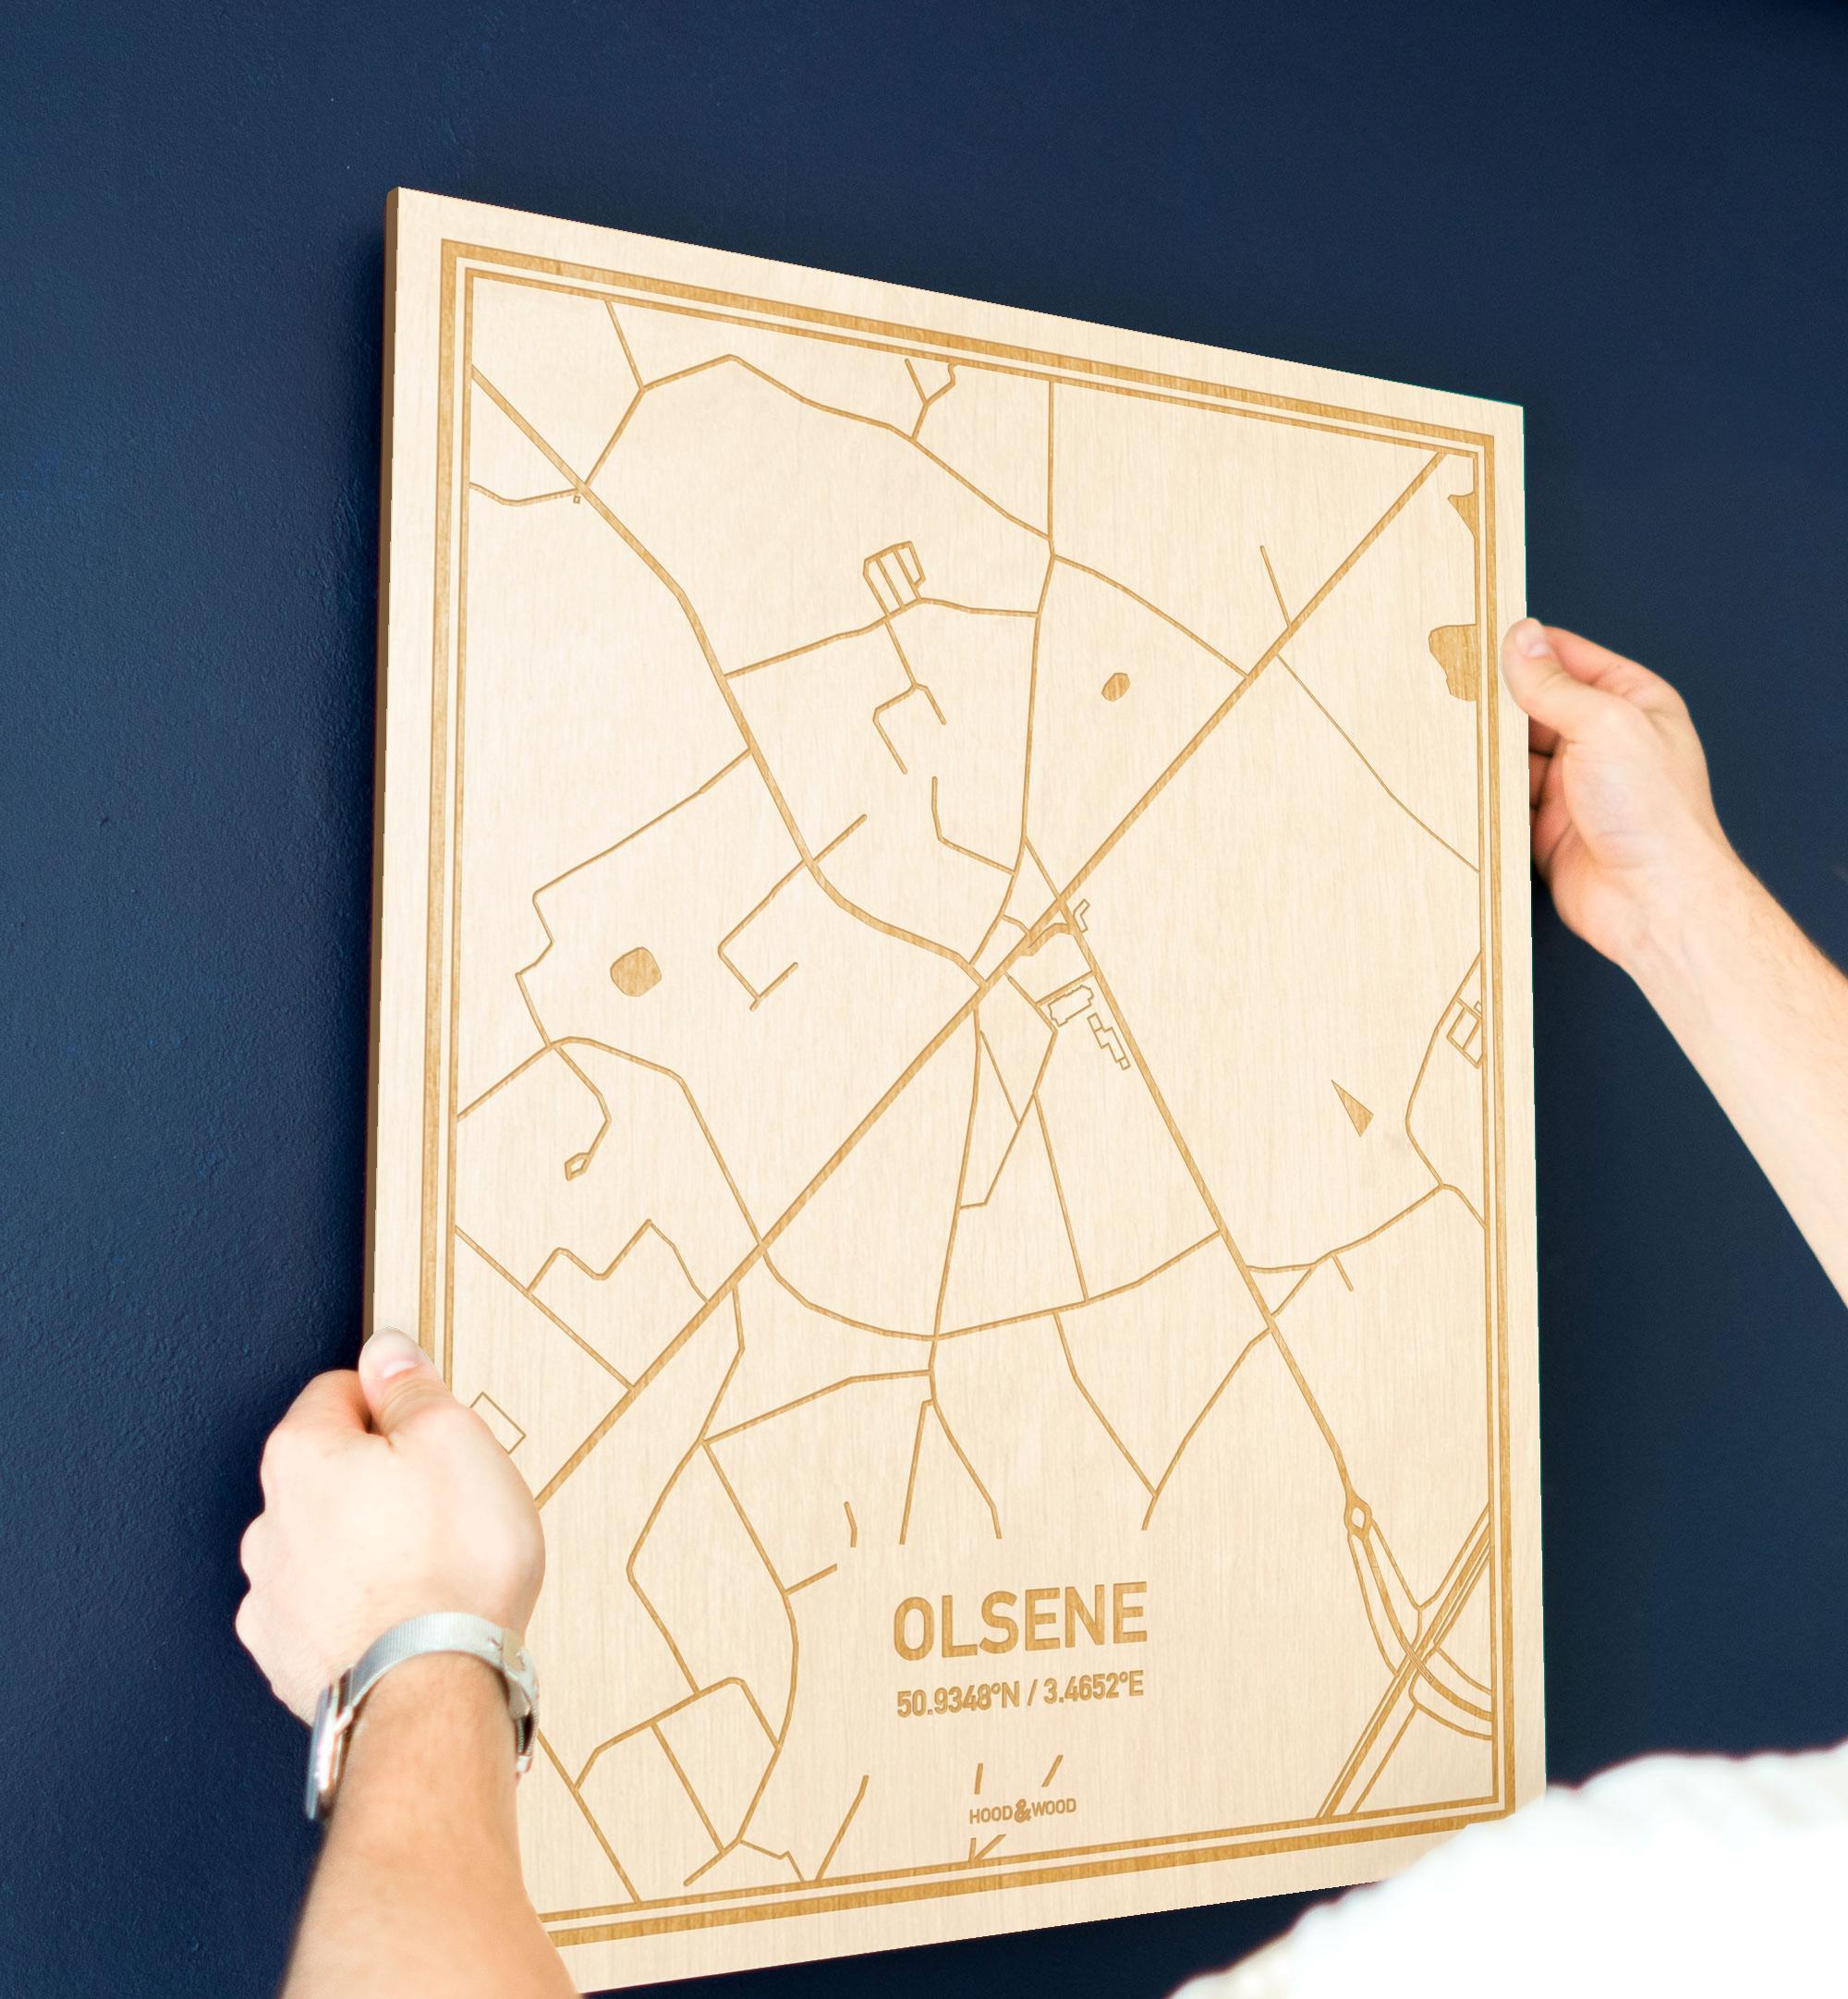 Een man hangt de houten plattegrond Olsene aan zijn blauwe muur ter decoratie. Je ziet alleen zijn handen de kaart van deze bijzondere in Oost-Vlaanderen  vasthouden.